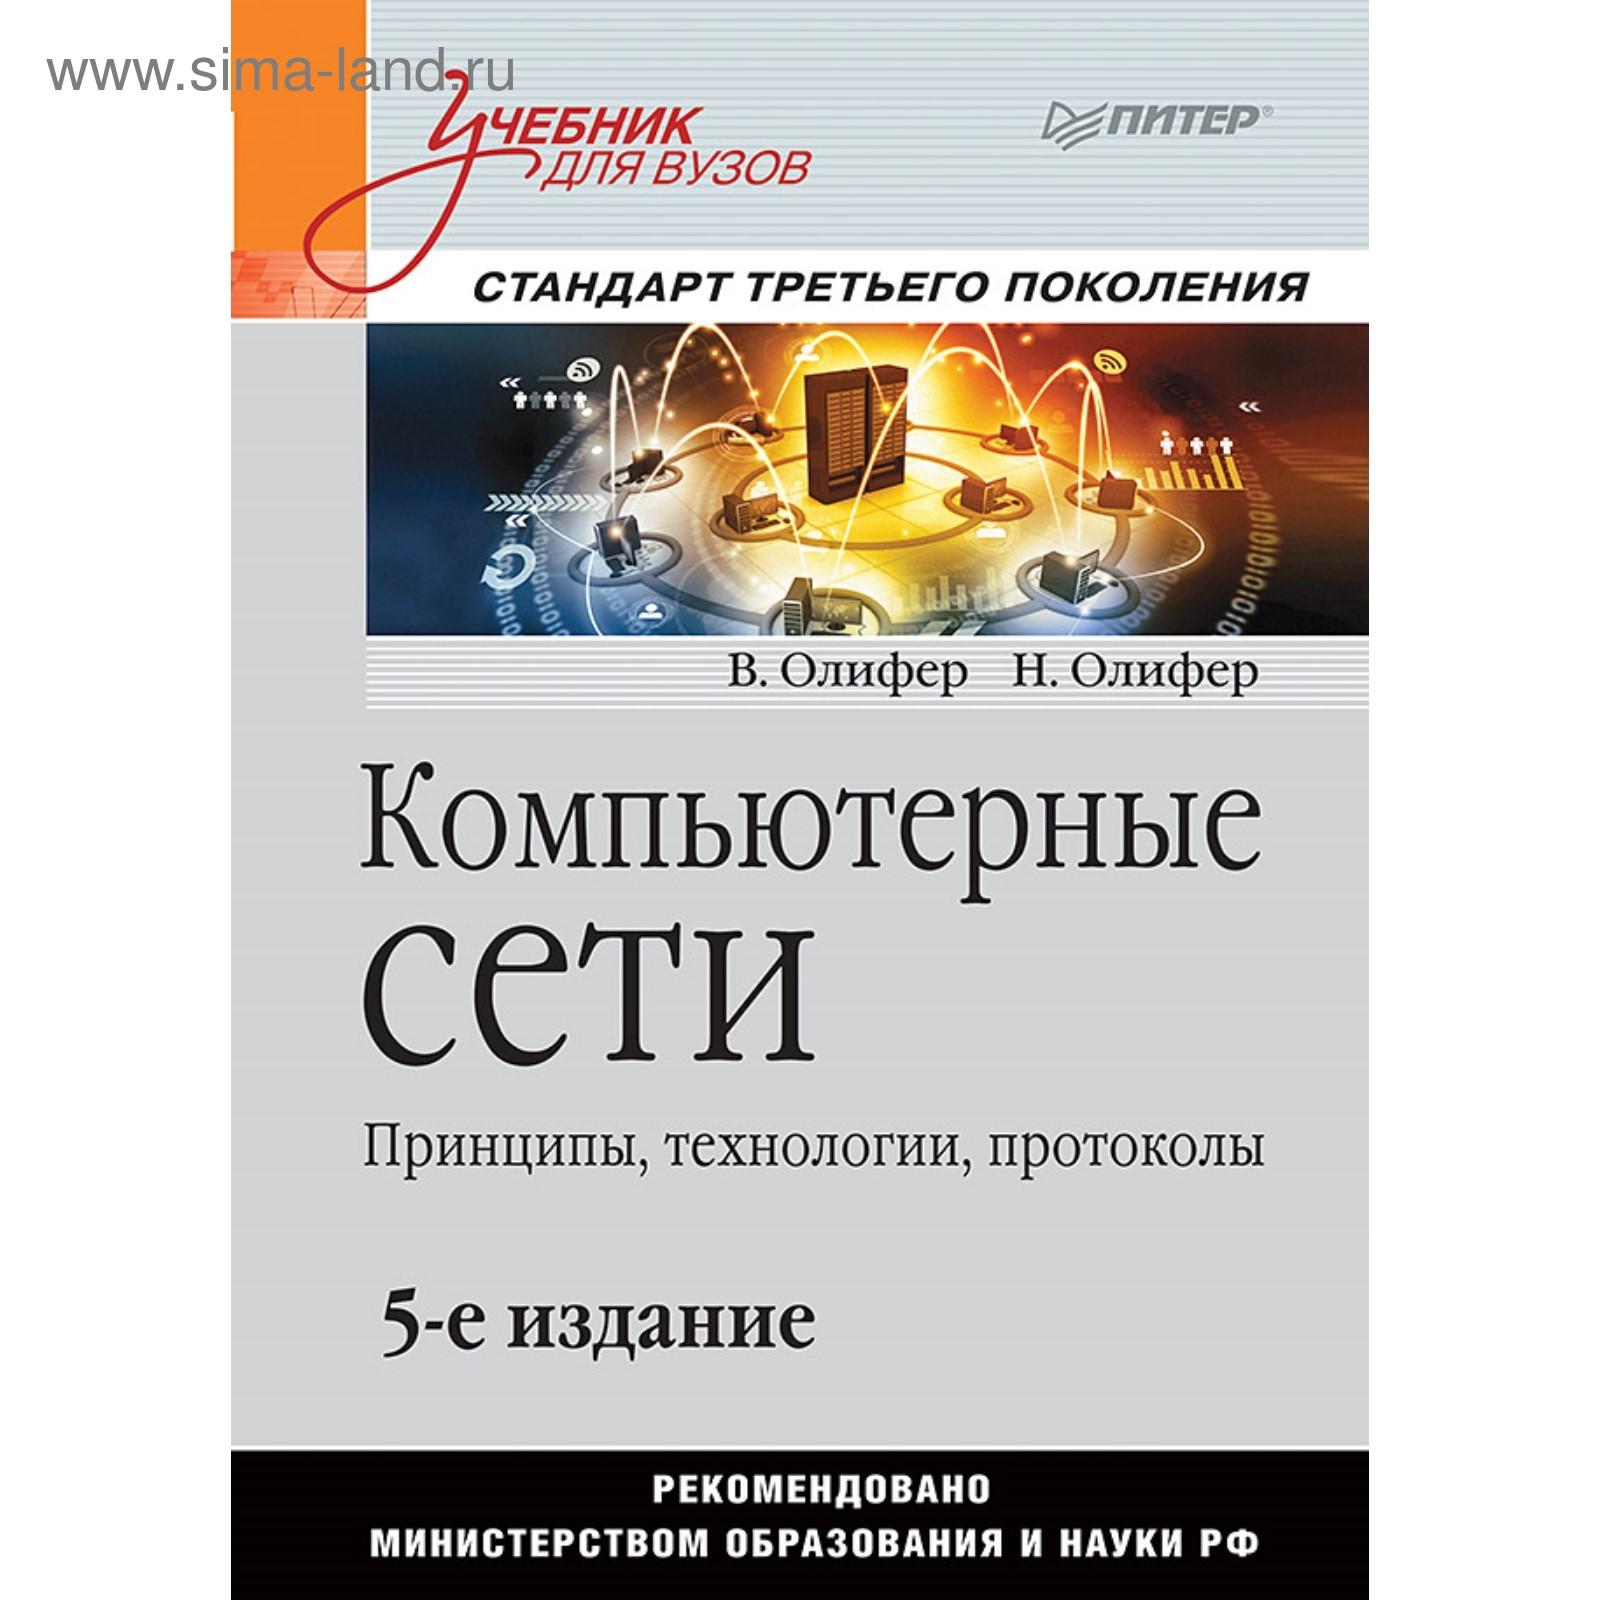 Компьютерные сети. Принципы, технологии, протоколы: учебник для.